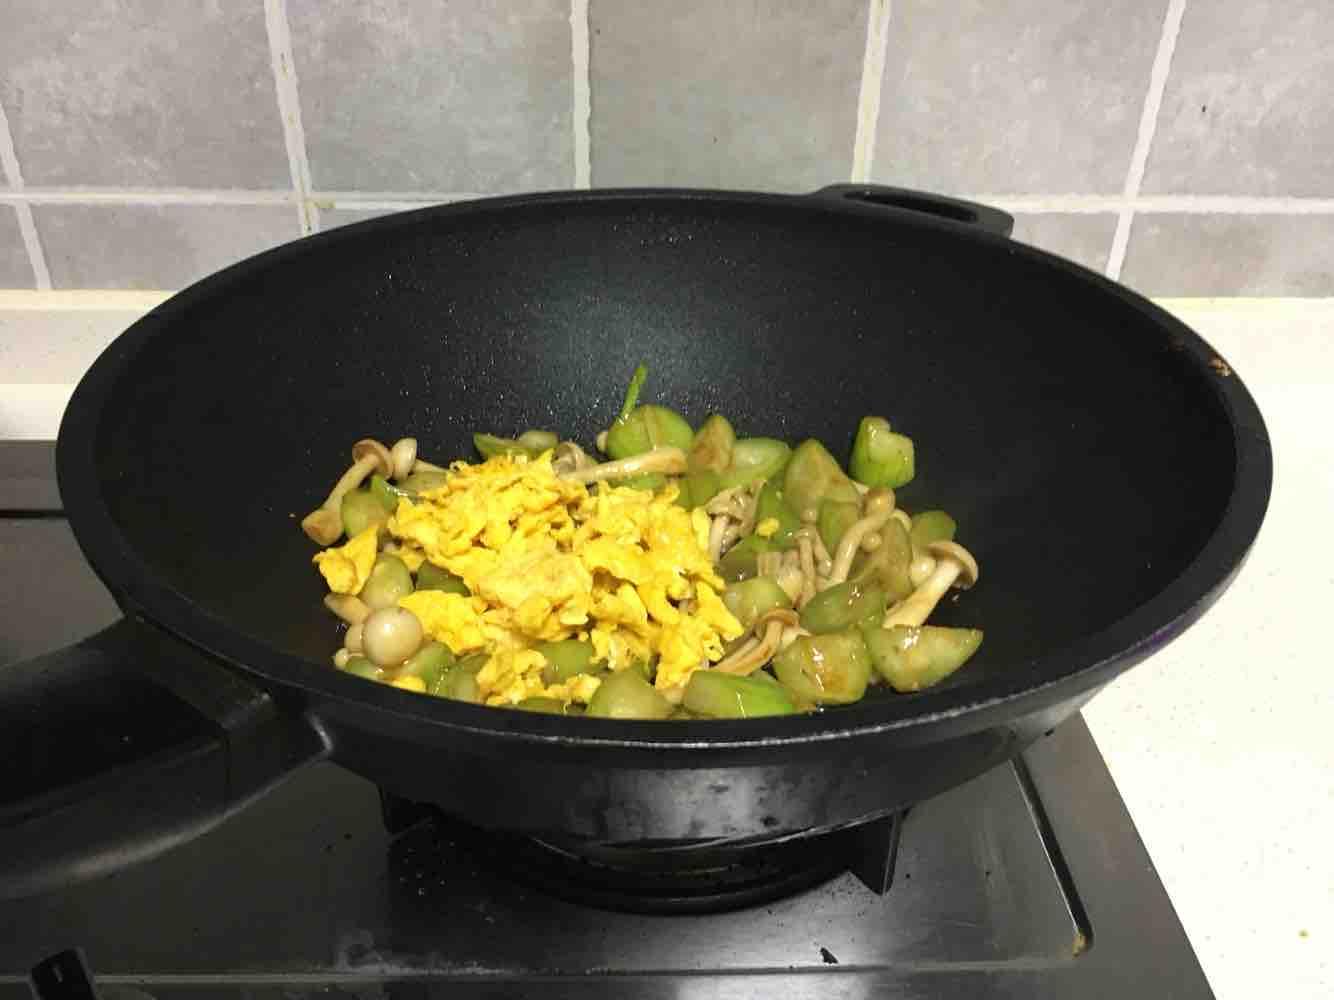 海鲜菇丝瓜炒鸡蛋怎么炒